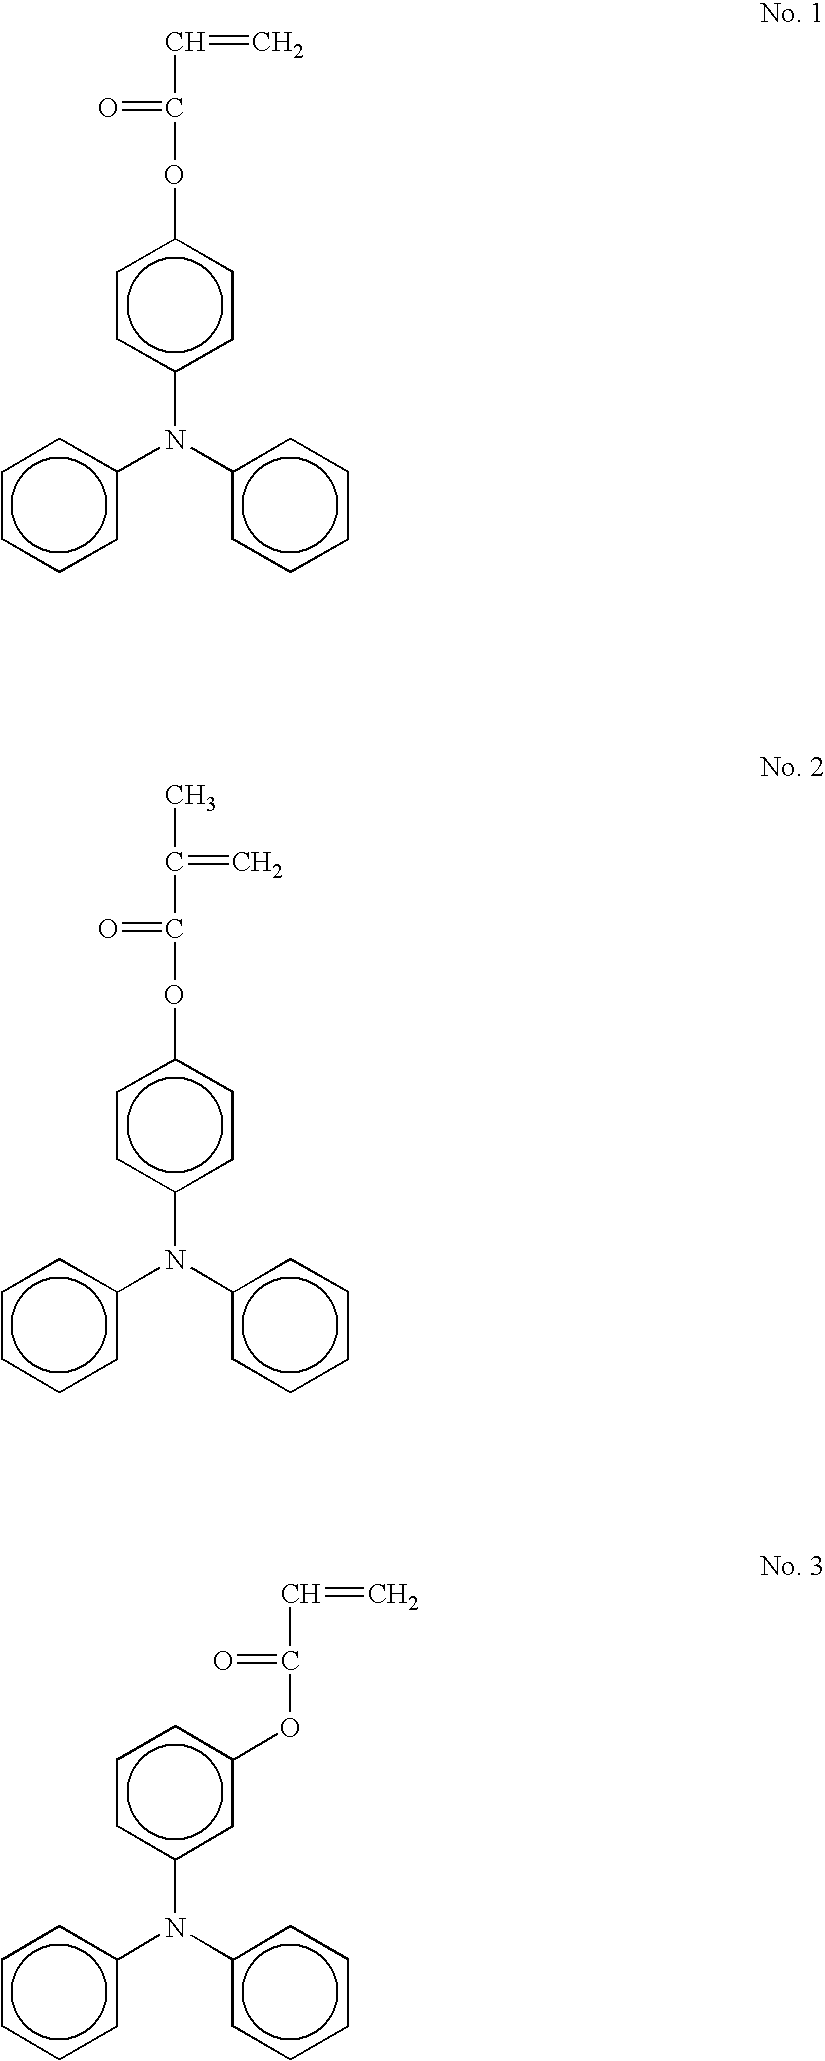 Figure US20040253527A1-20041216-C00012